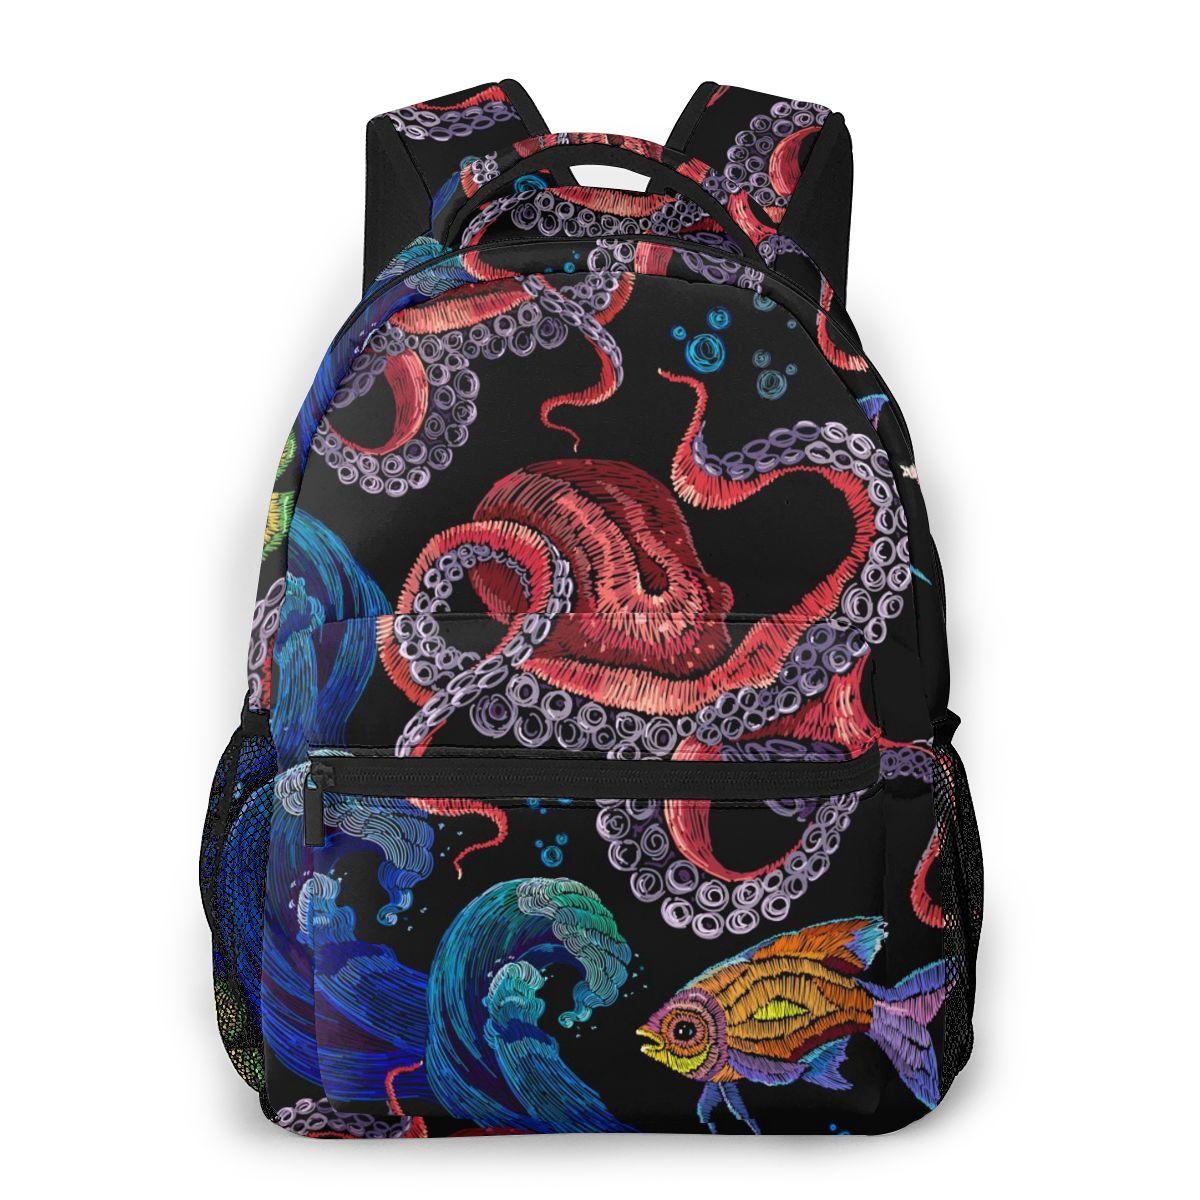 Mochila para adolescente con bordado de pulpo, ola de mar y peces tropicales, mochilas casuales para ordenador portátil, mochila escolar para estudiante y Universidad